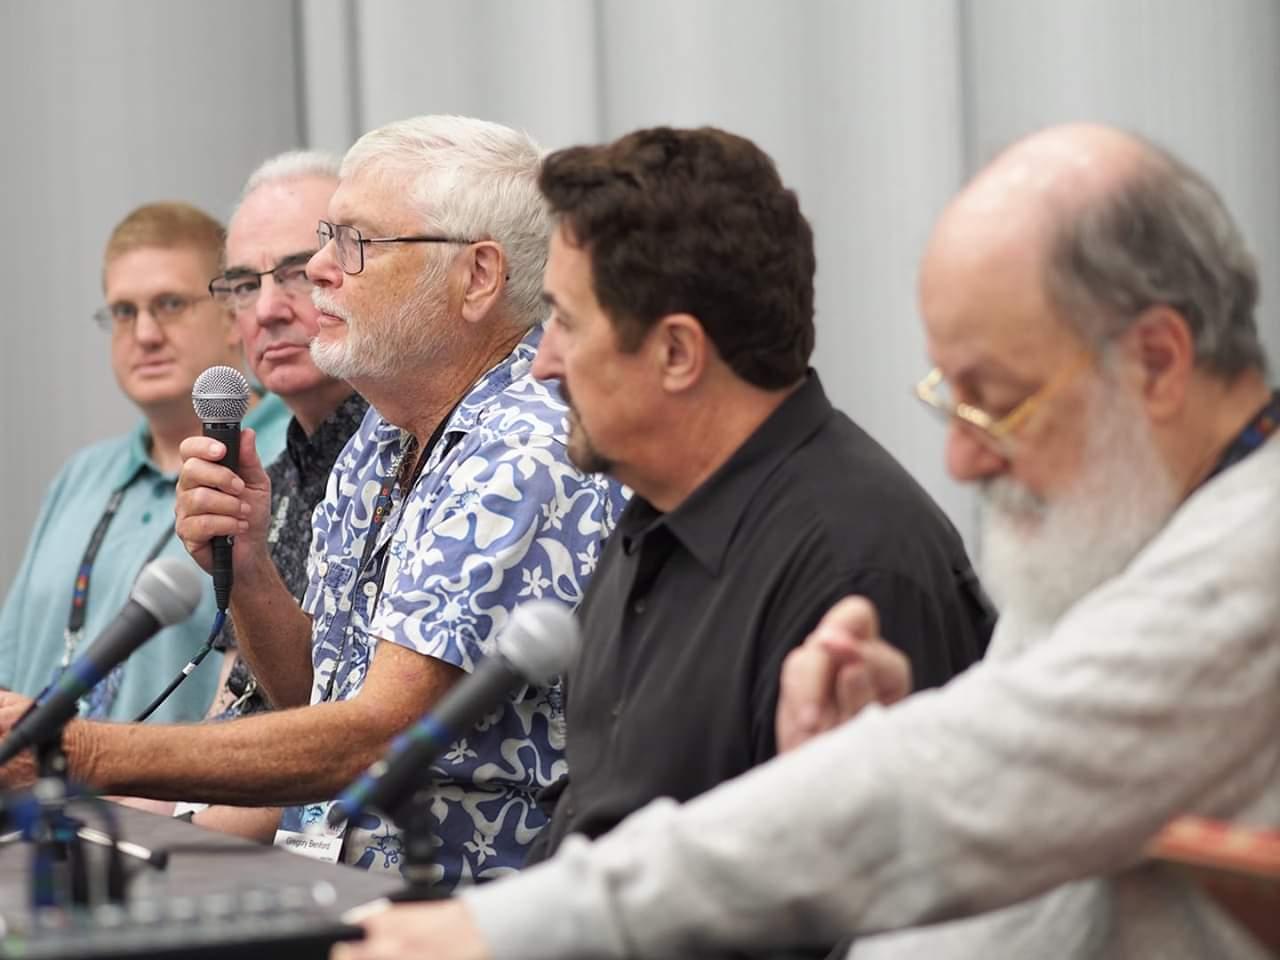 Brent A. Harris, Alan Smale, Gregory Benford, Bryce Zabel (Winner), Harry Turtledove (Winner) Sidewise Awards, WorldCon 18